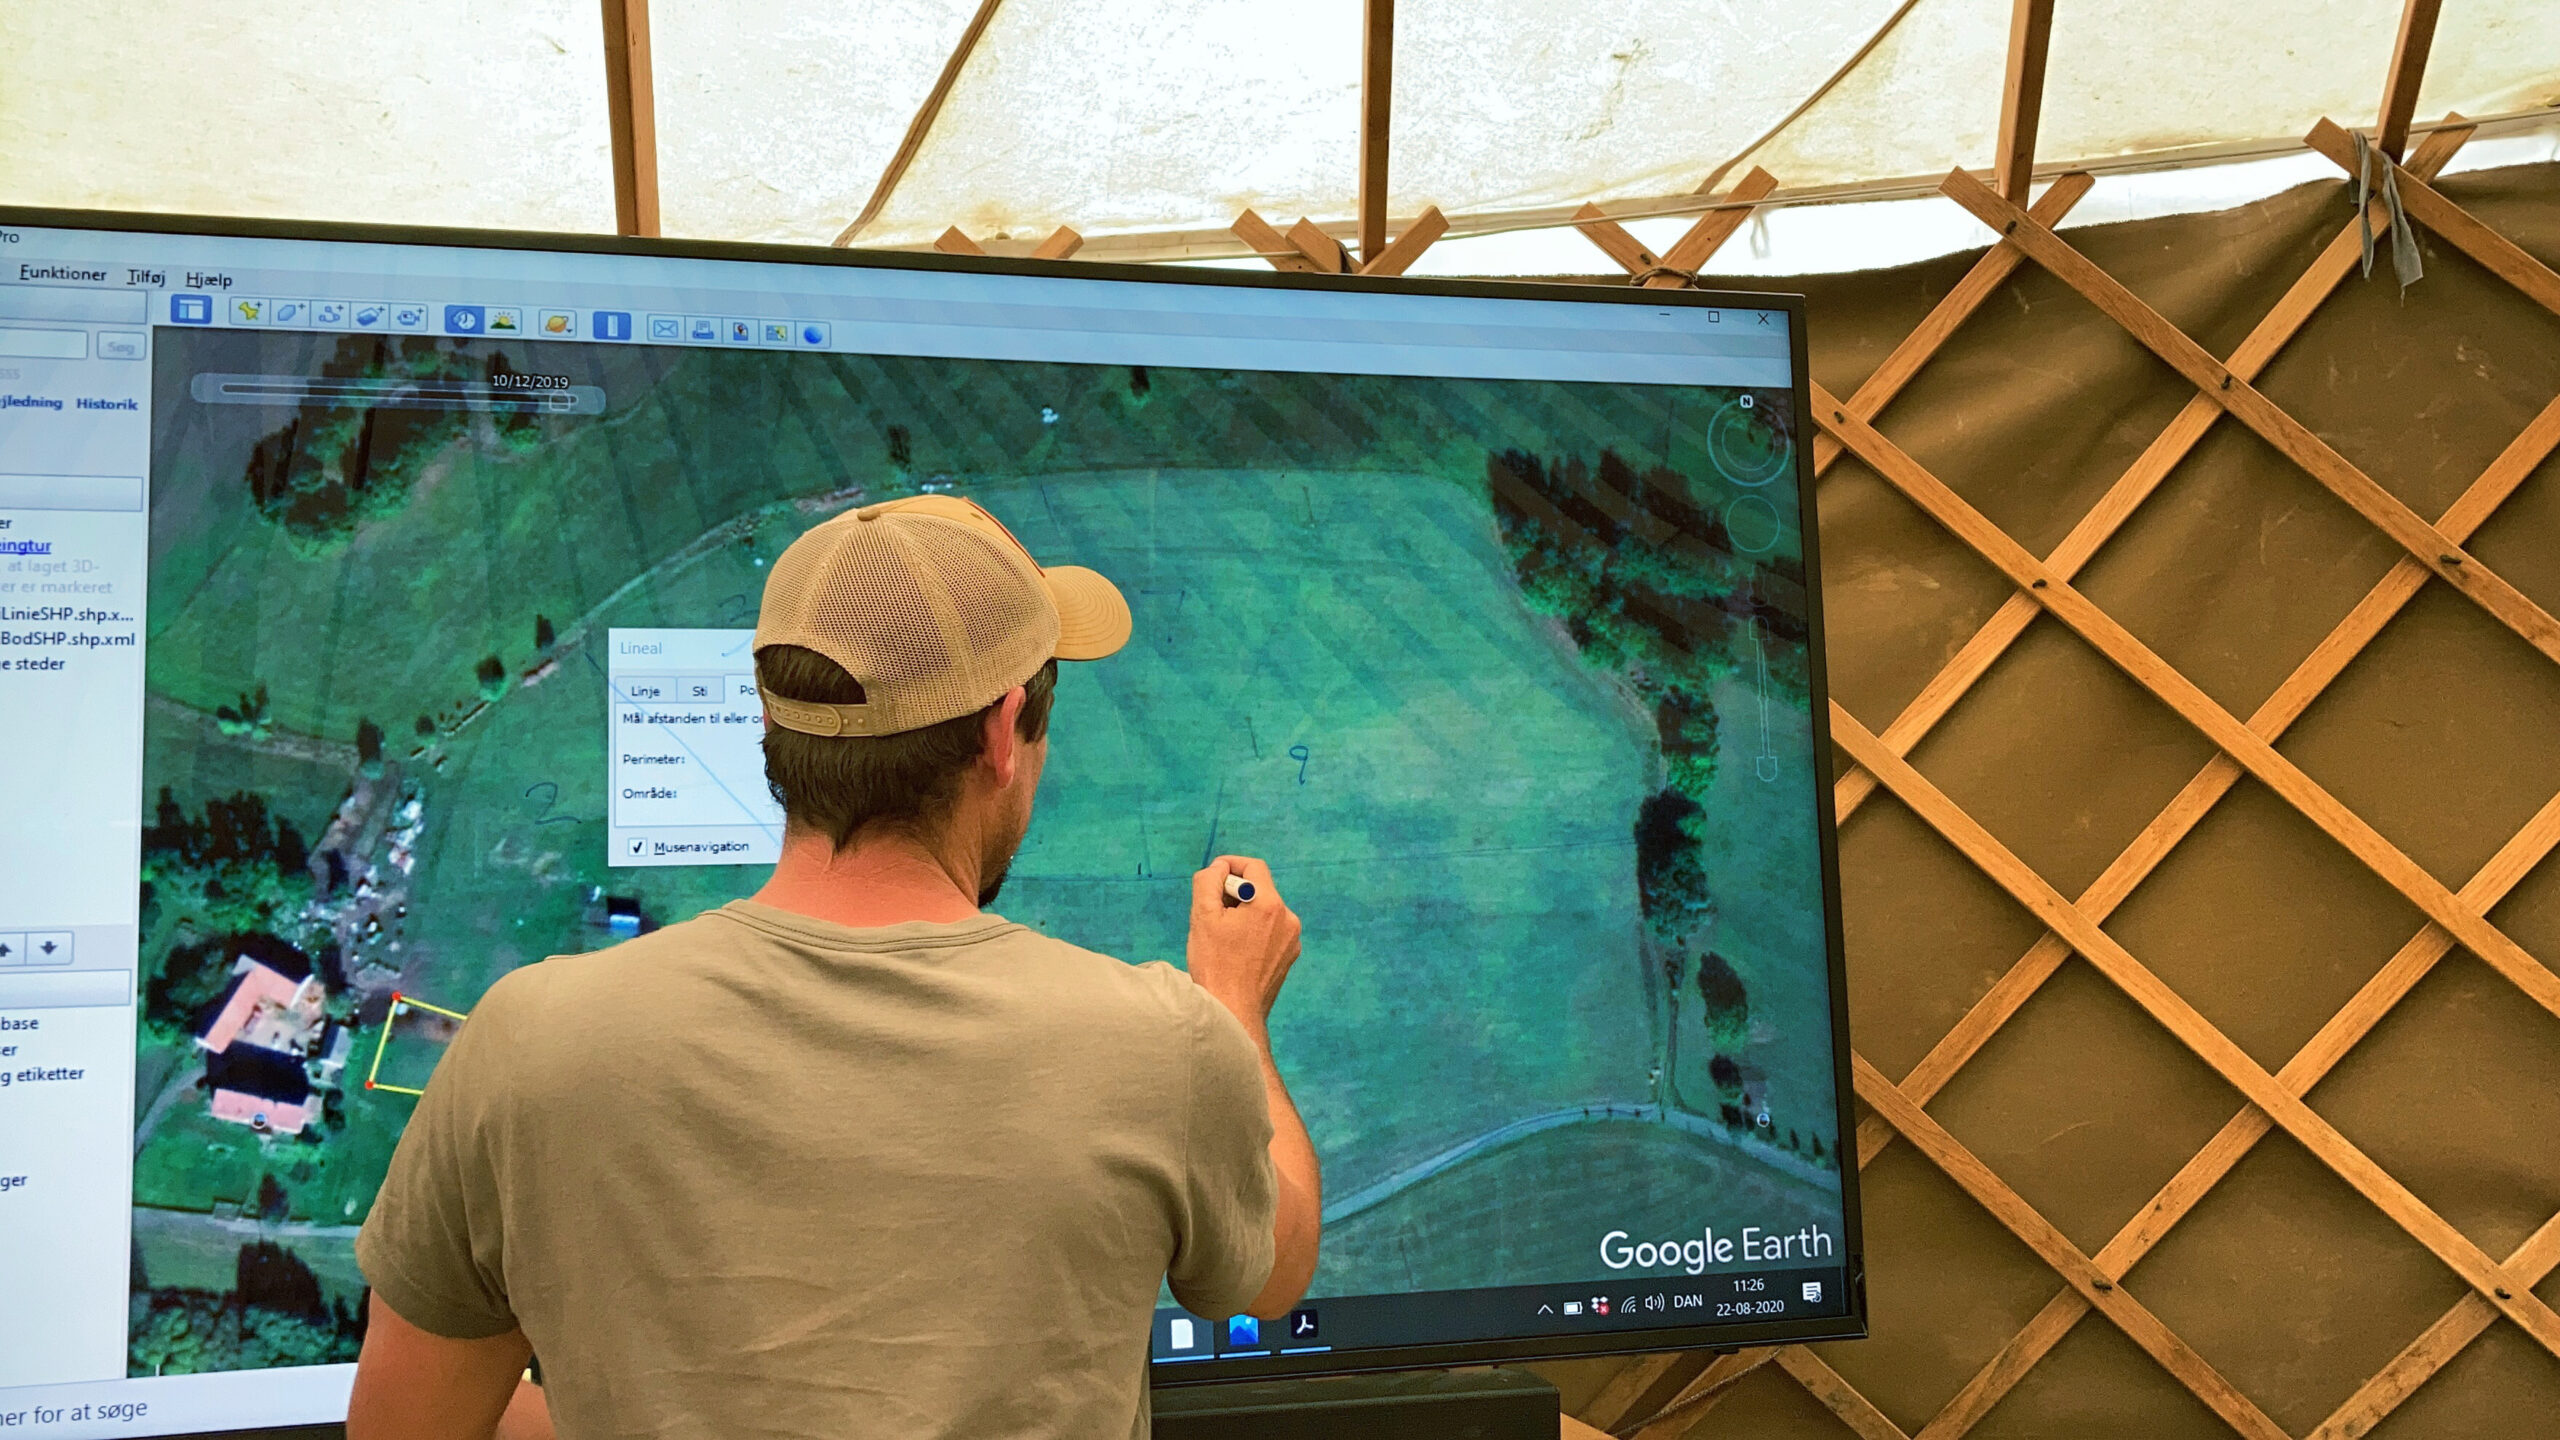 Richard Perkins ritar på TVn och visar hur en gårds betesmarker kan planeras för holistisk rotationsbetning